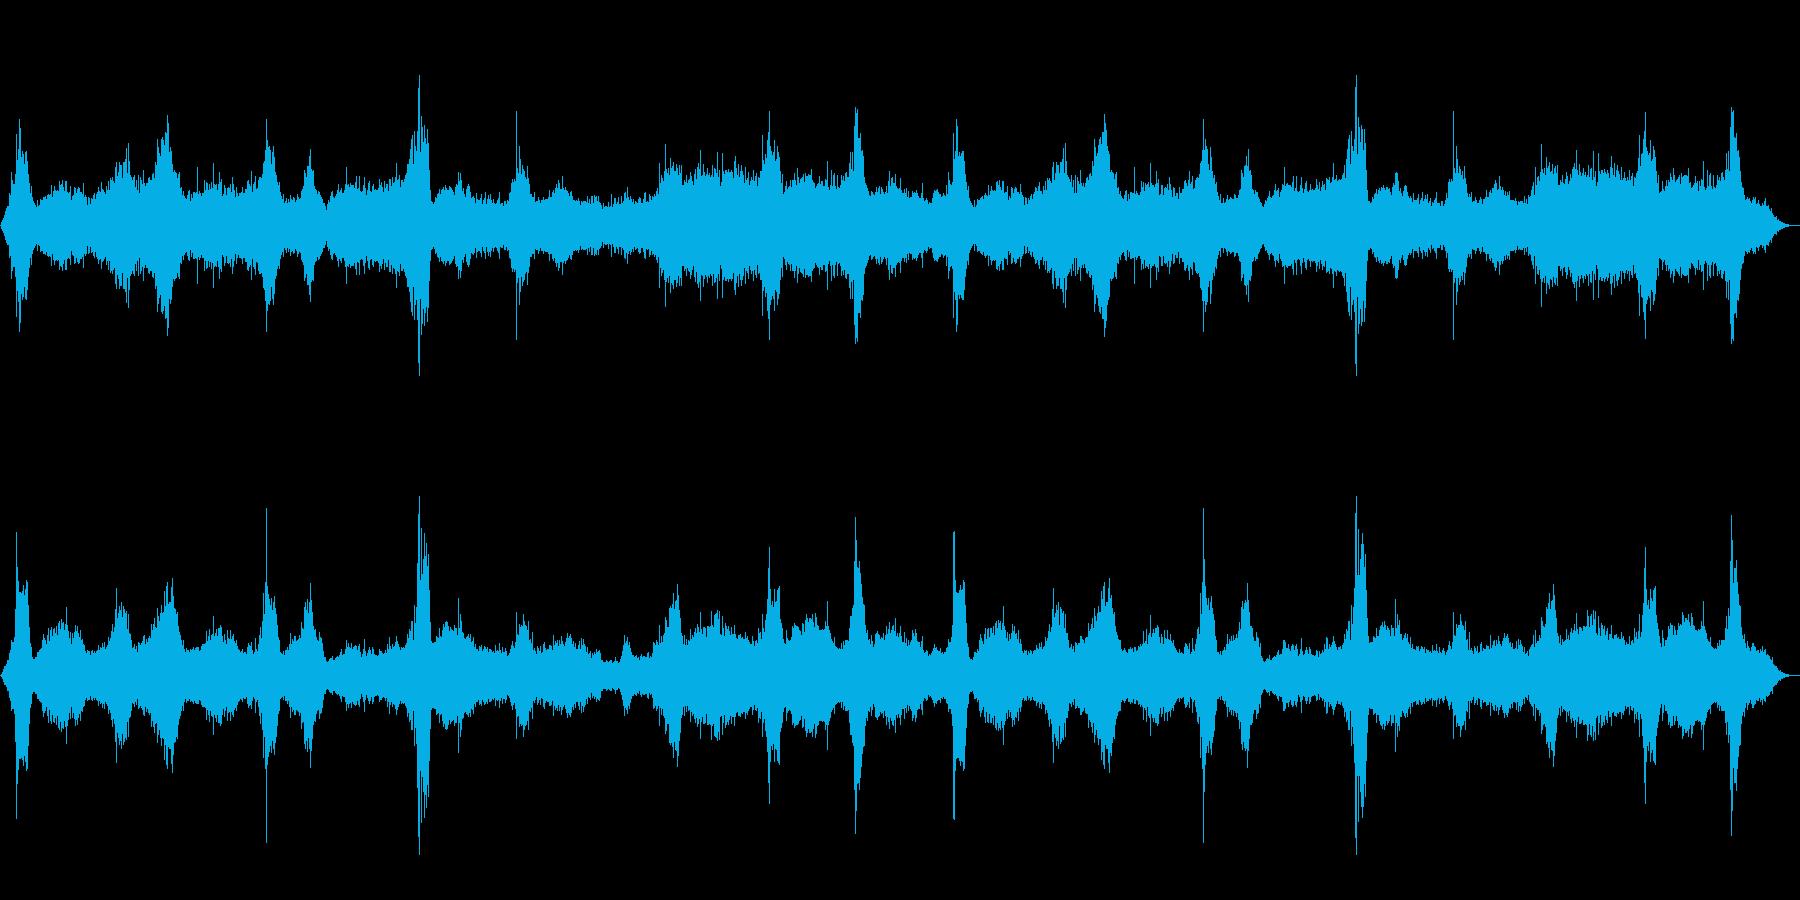 [生録音]海、波の音02(砂利浜)の再生済みの波形